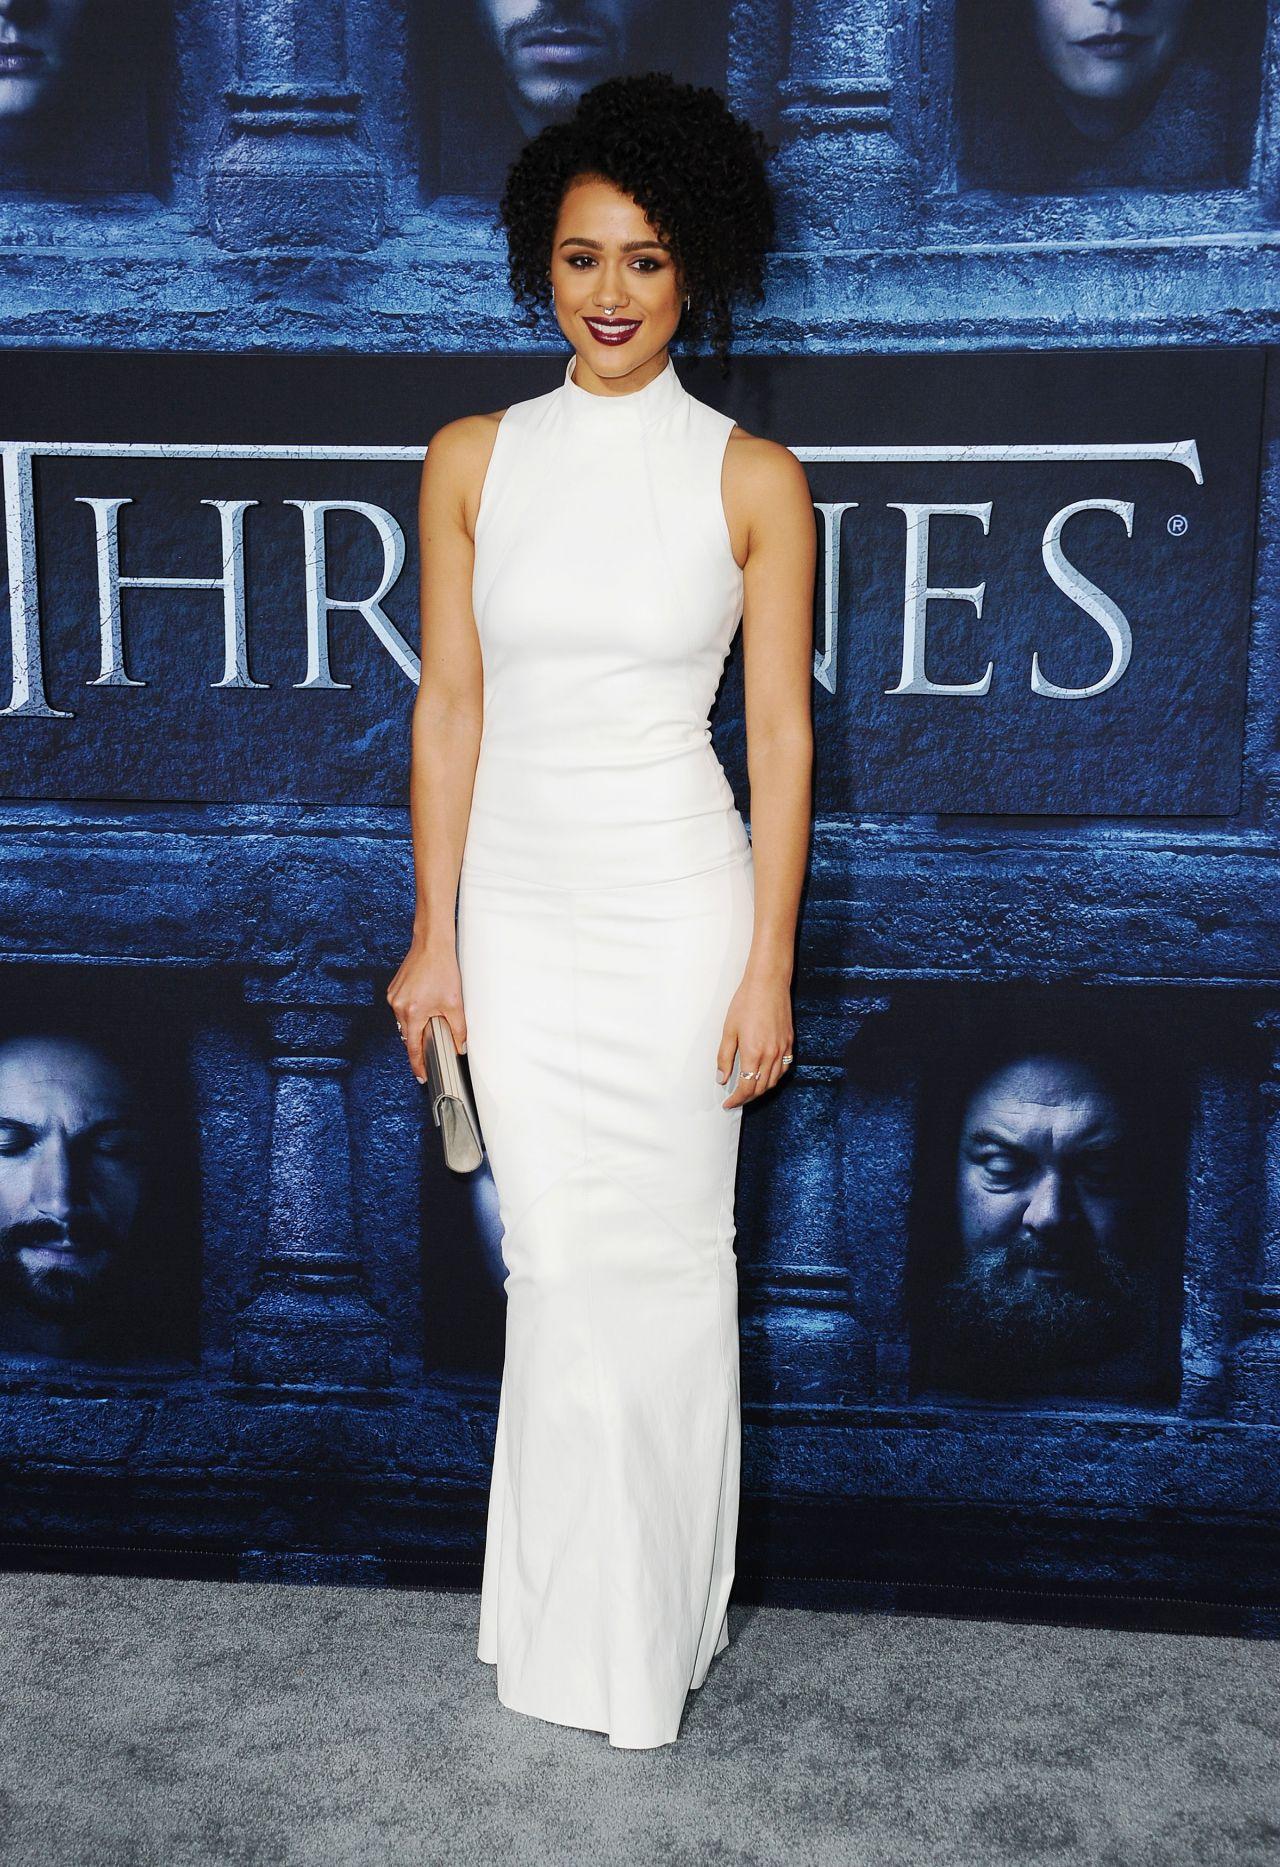 Nathalie Emmanuel Game Of Thrones Season 6 Premiere In